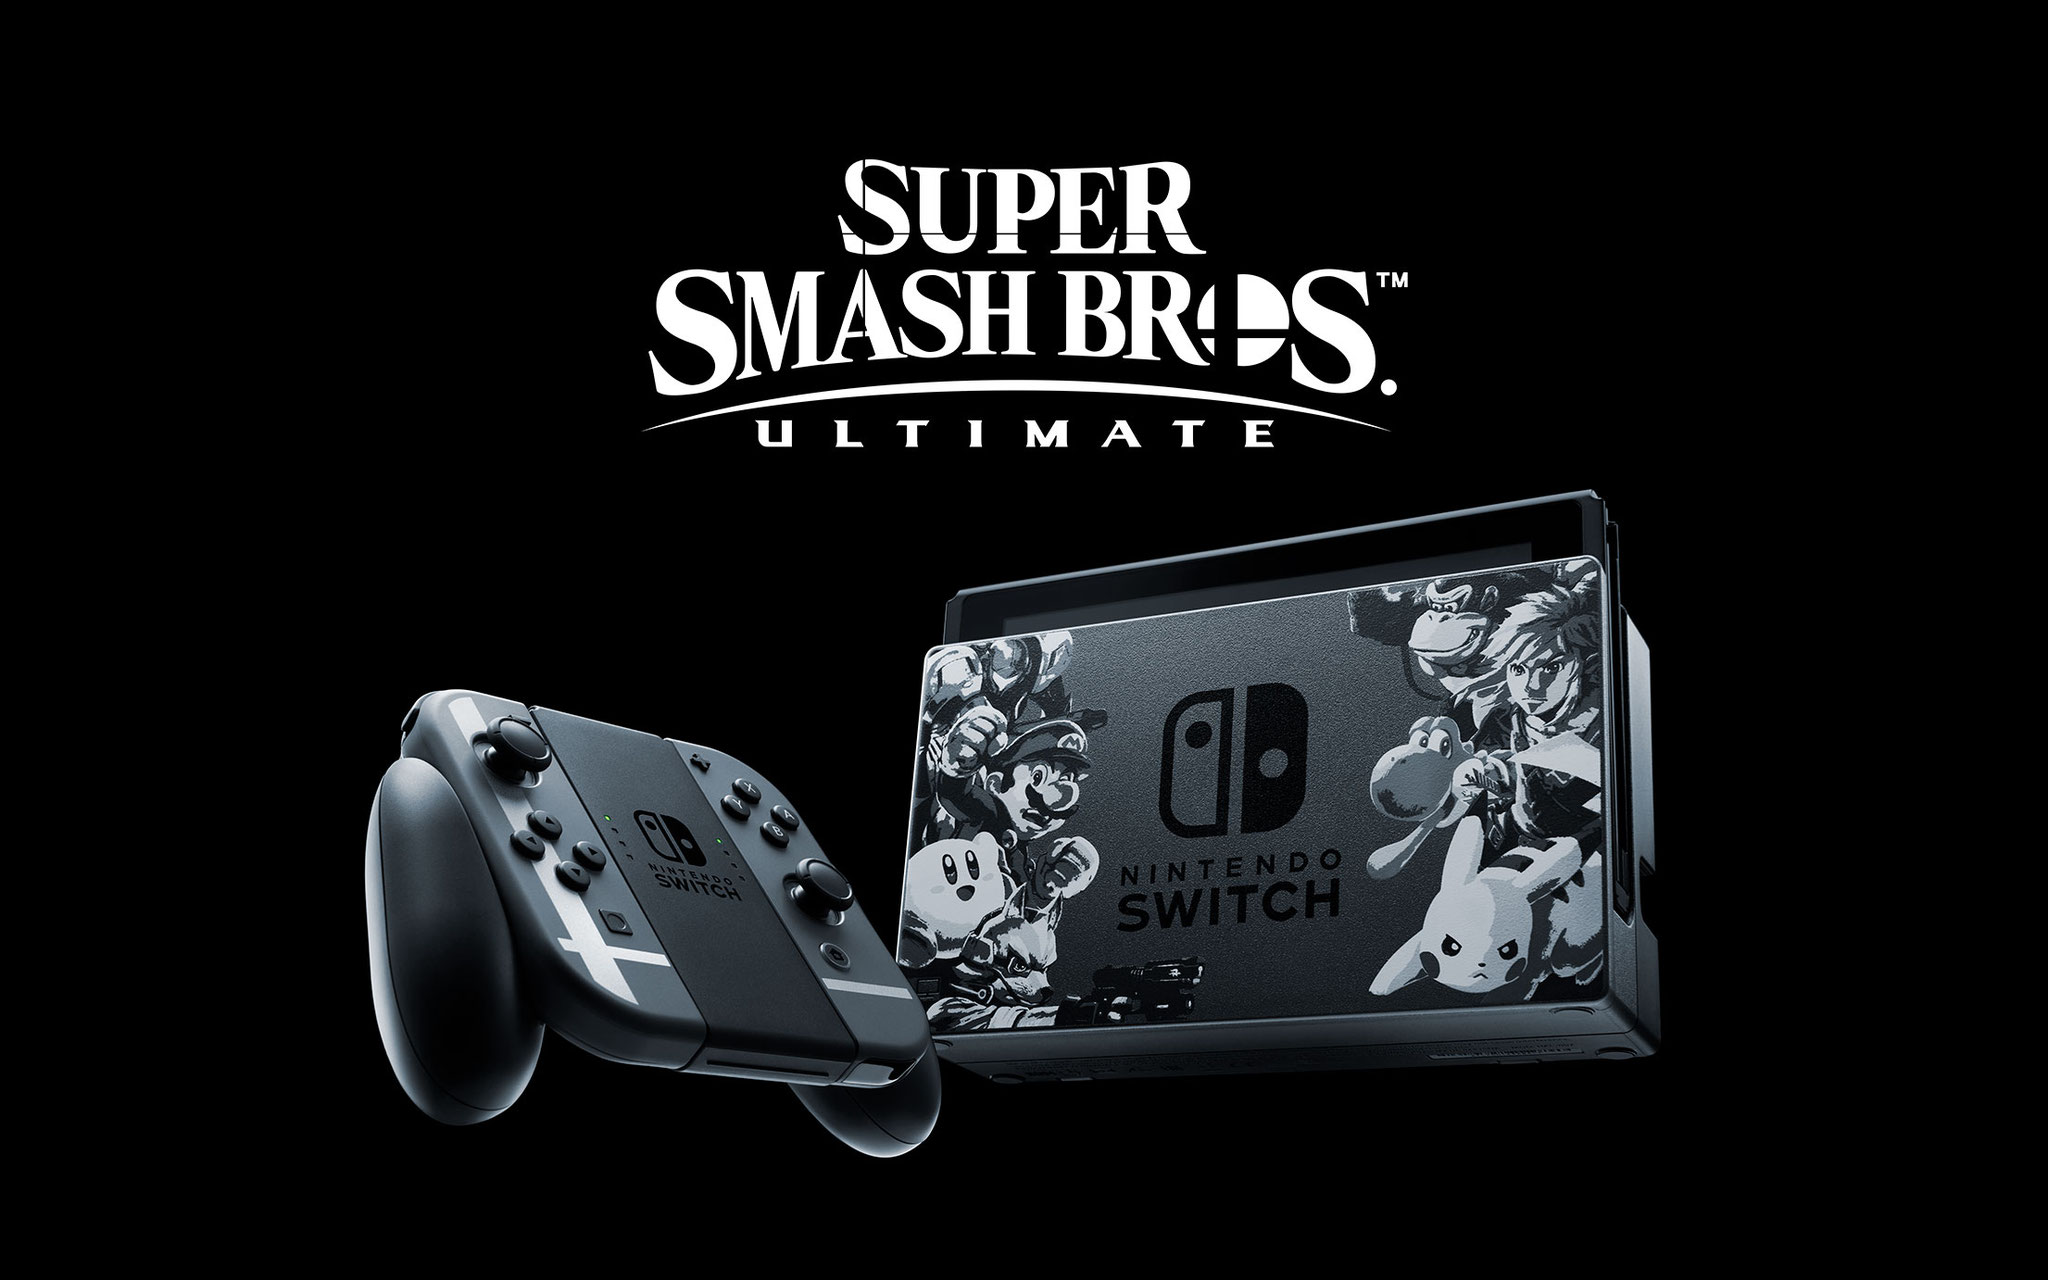 """Wird pünktlich zur Veröffentlichung von """"Super Smash Bros. Ultimate"""" am 7. Dezember erhältlich sein: eine Switch im passenden Look - Spiel inklusive."""